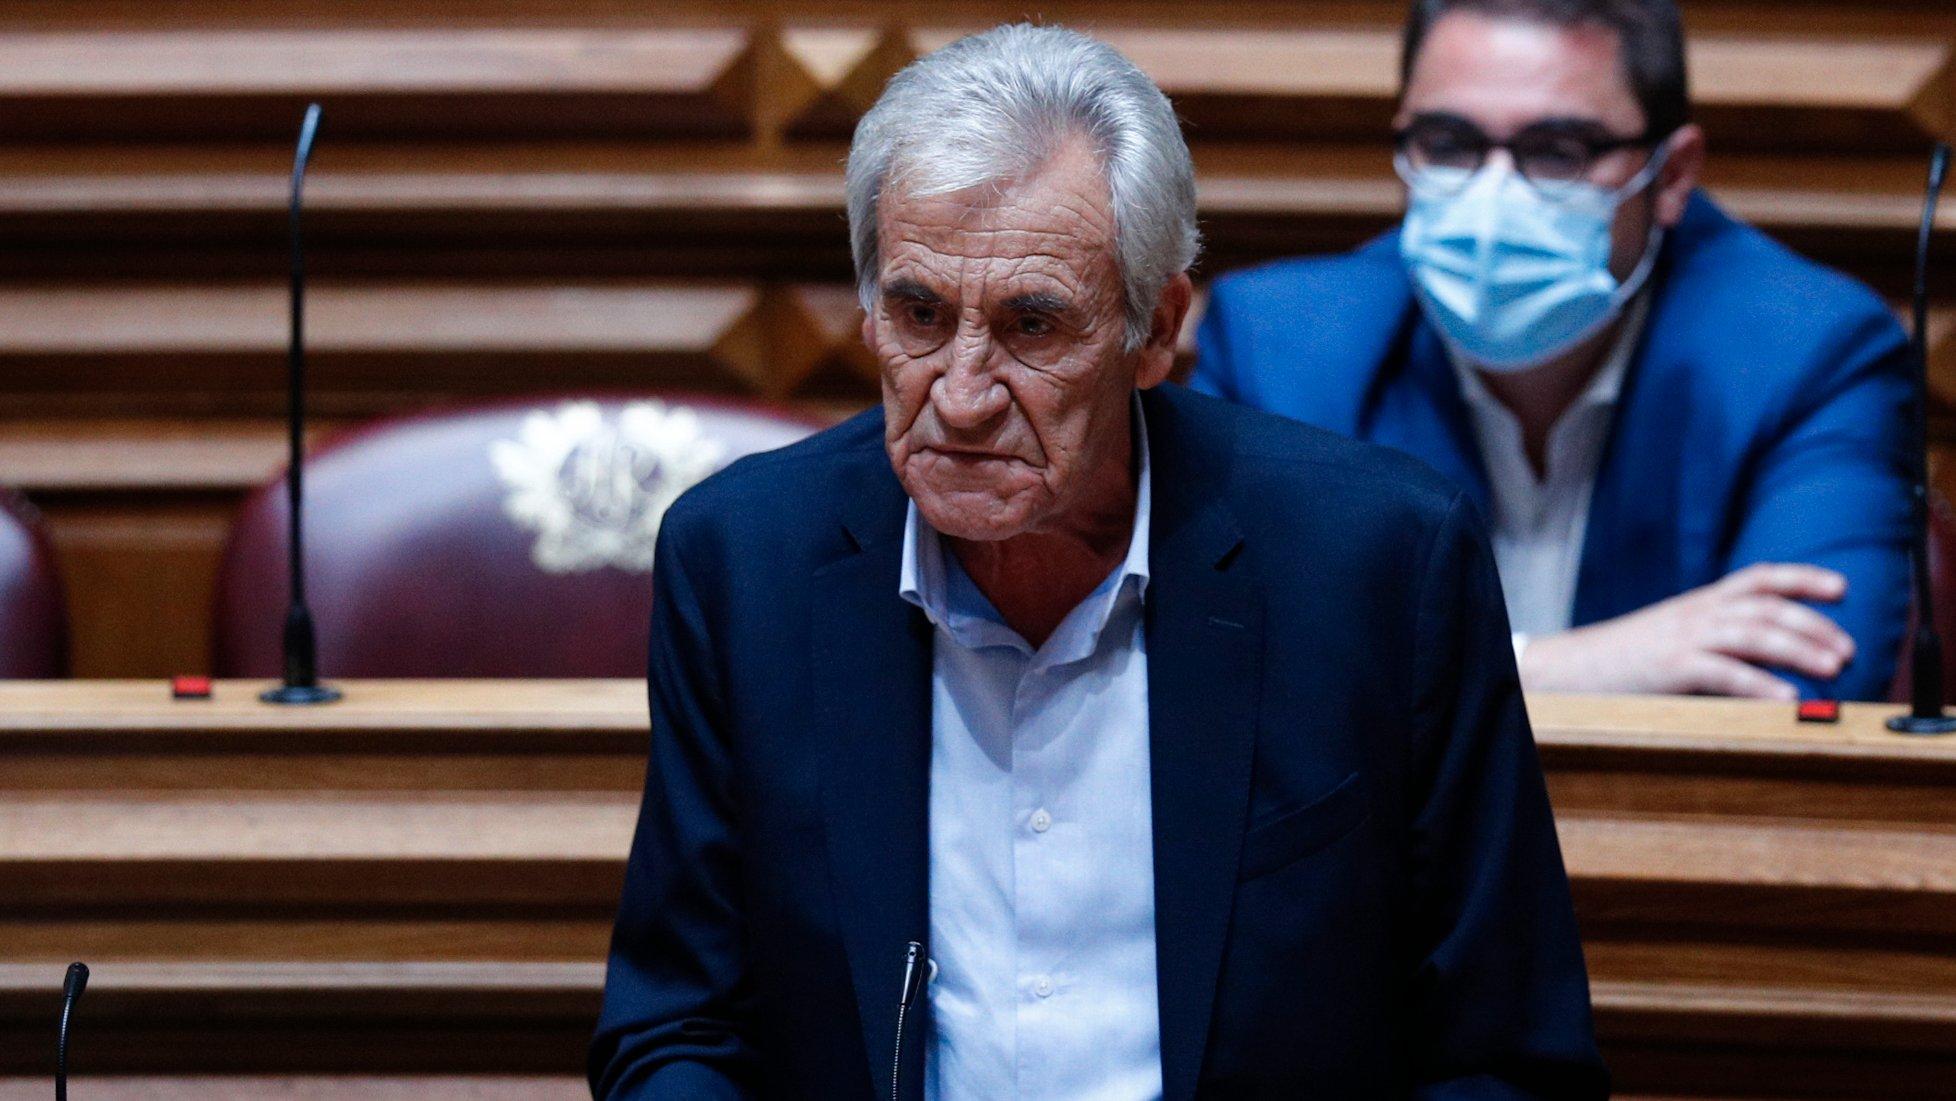 O secretário-geral do Partido Comunista Português (PCP), Jerónimo de Sousa, intervém durante o debate sobre política geral, na Assembleia da República, em Lisboa, 07 de outubro de 2021. ANTÓNIO COTRIM/LUSA